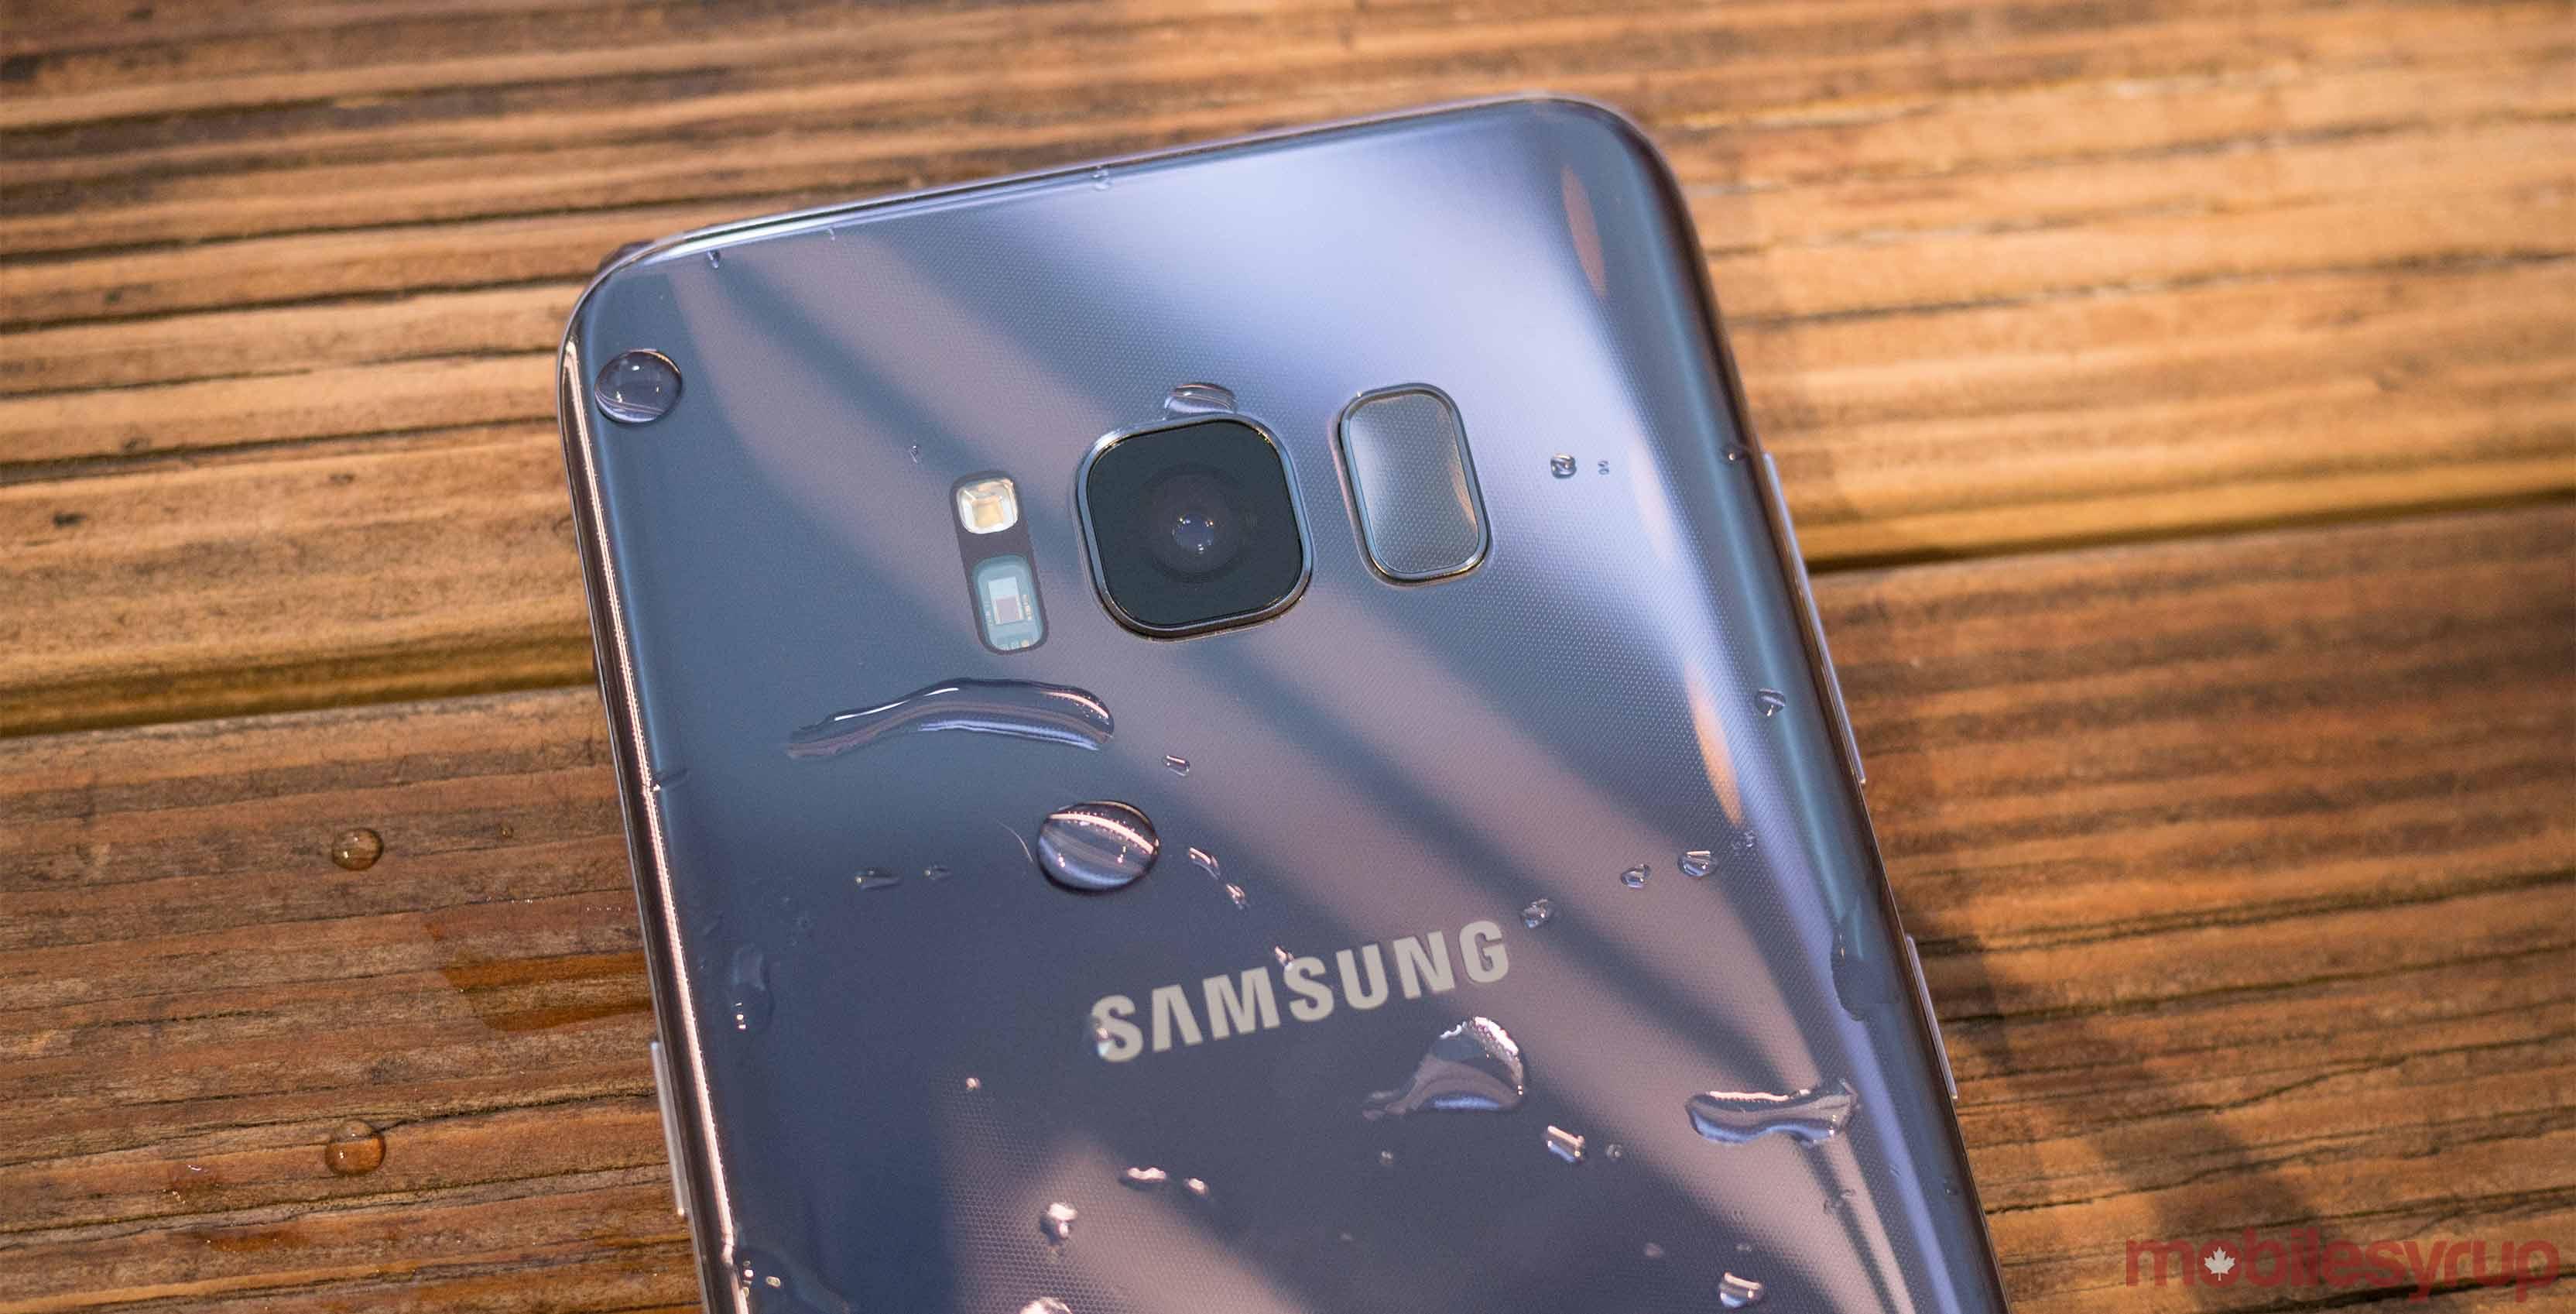 Procurez-vous le Samsung Galaxy S8